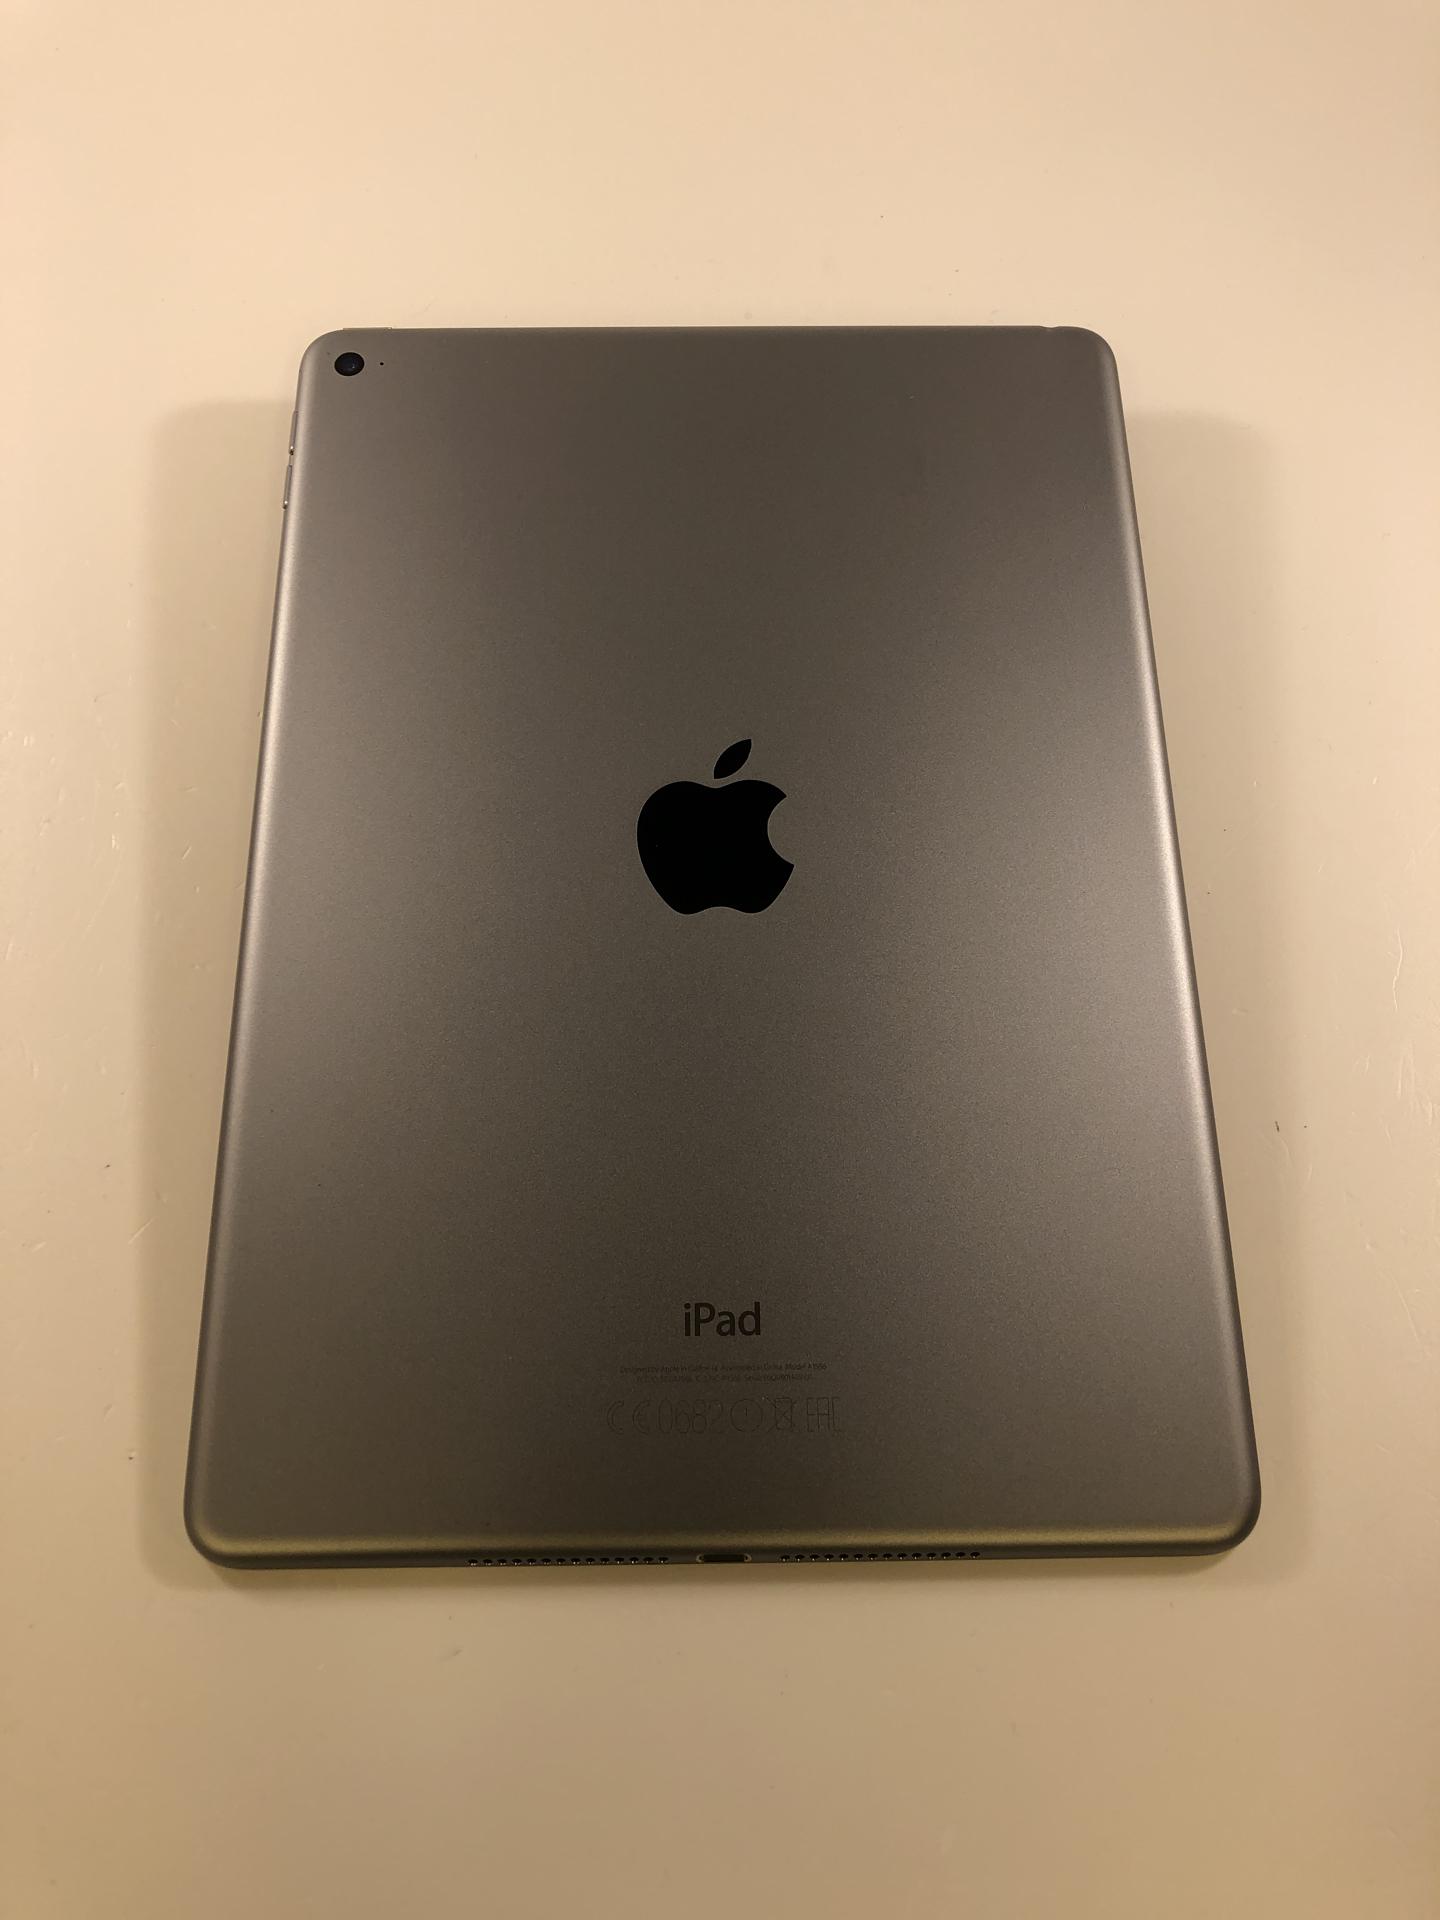 iPad Air 2 Wi-Fi 16GB, 16GB, Space Gray, obraz 2